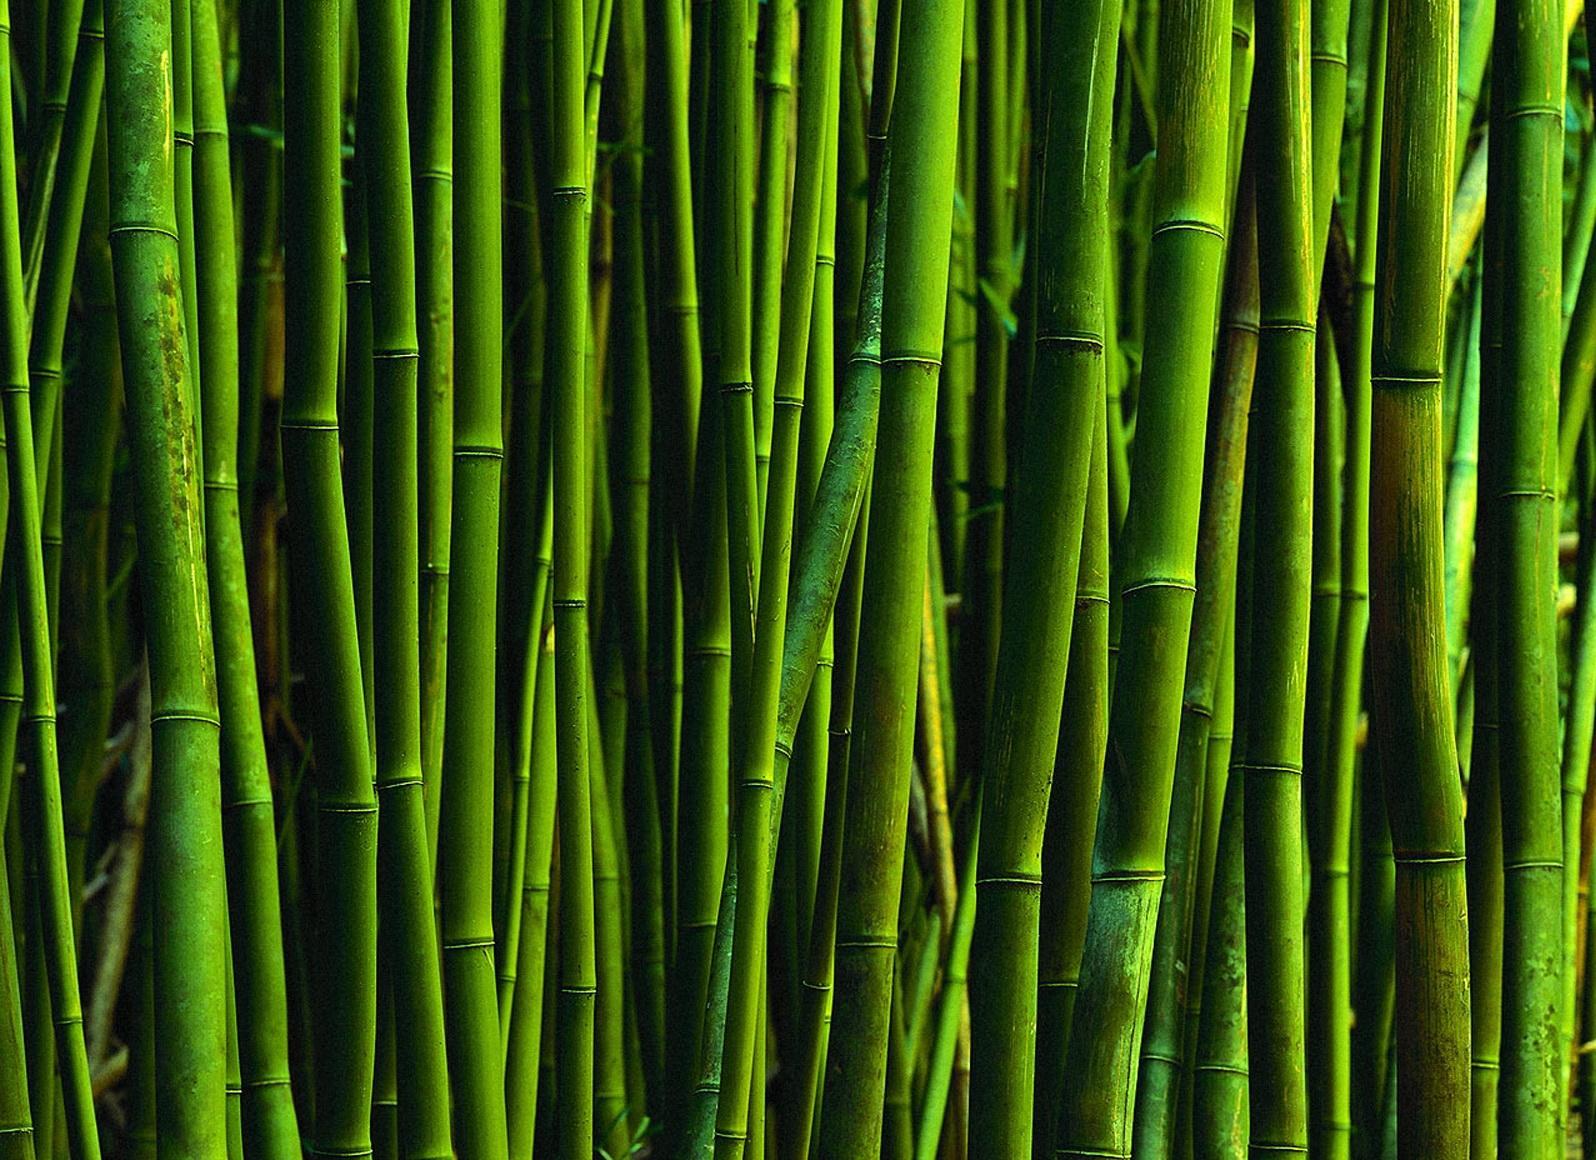 Бамбук 1596 x 1160